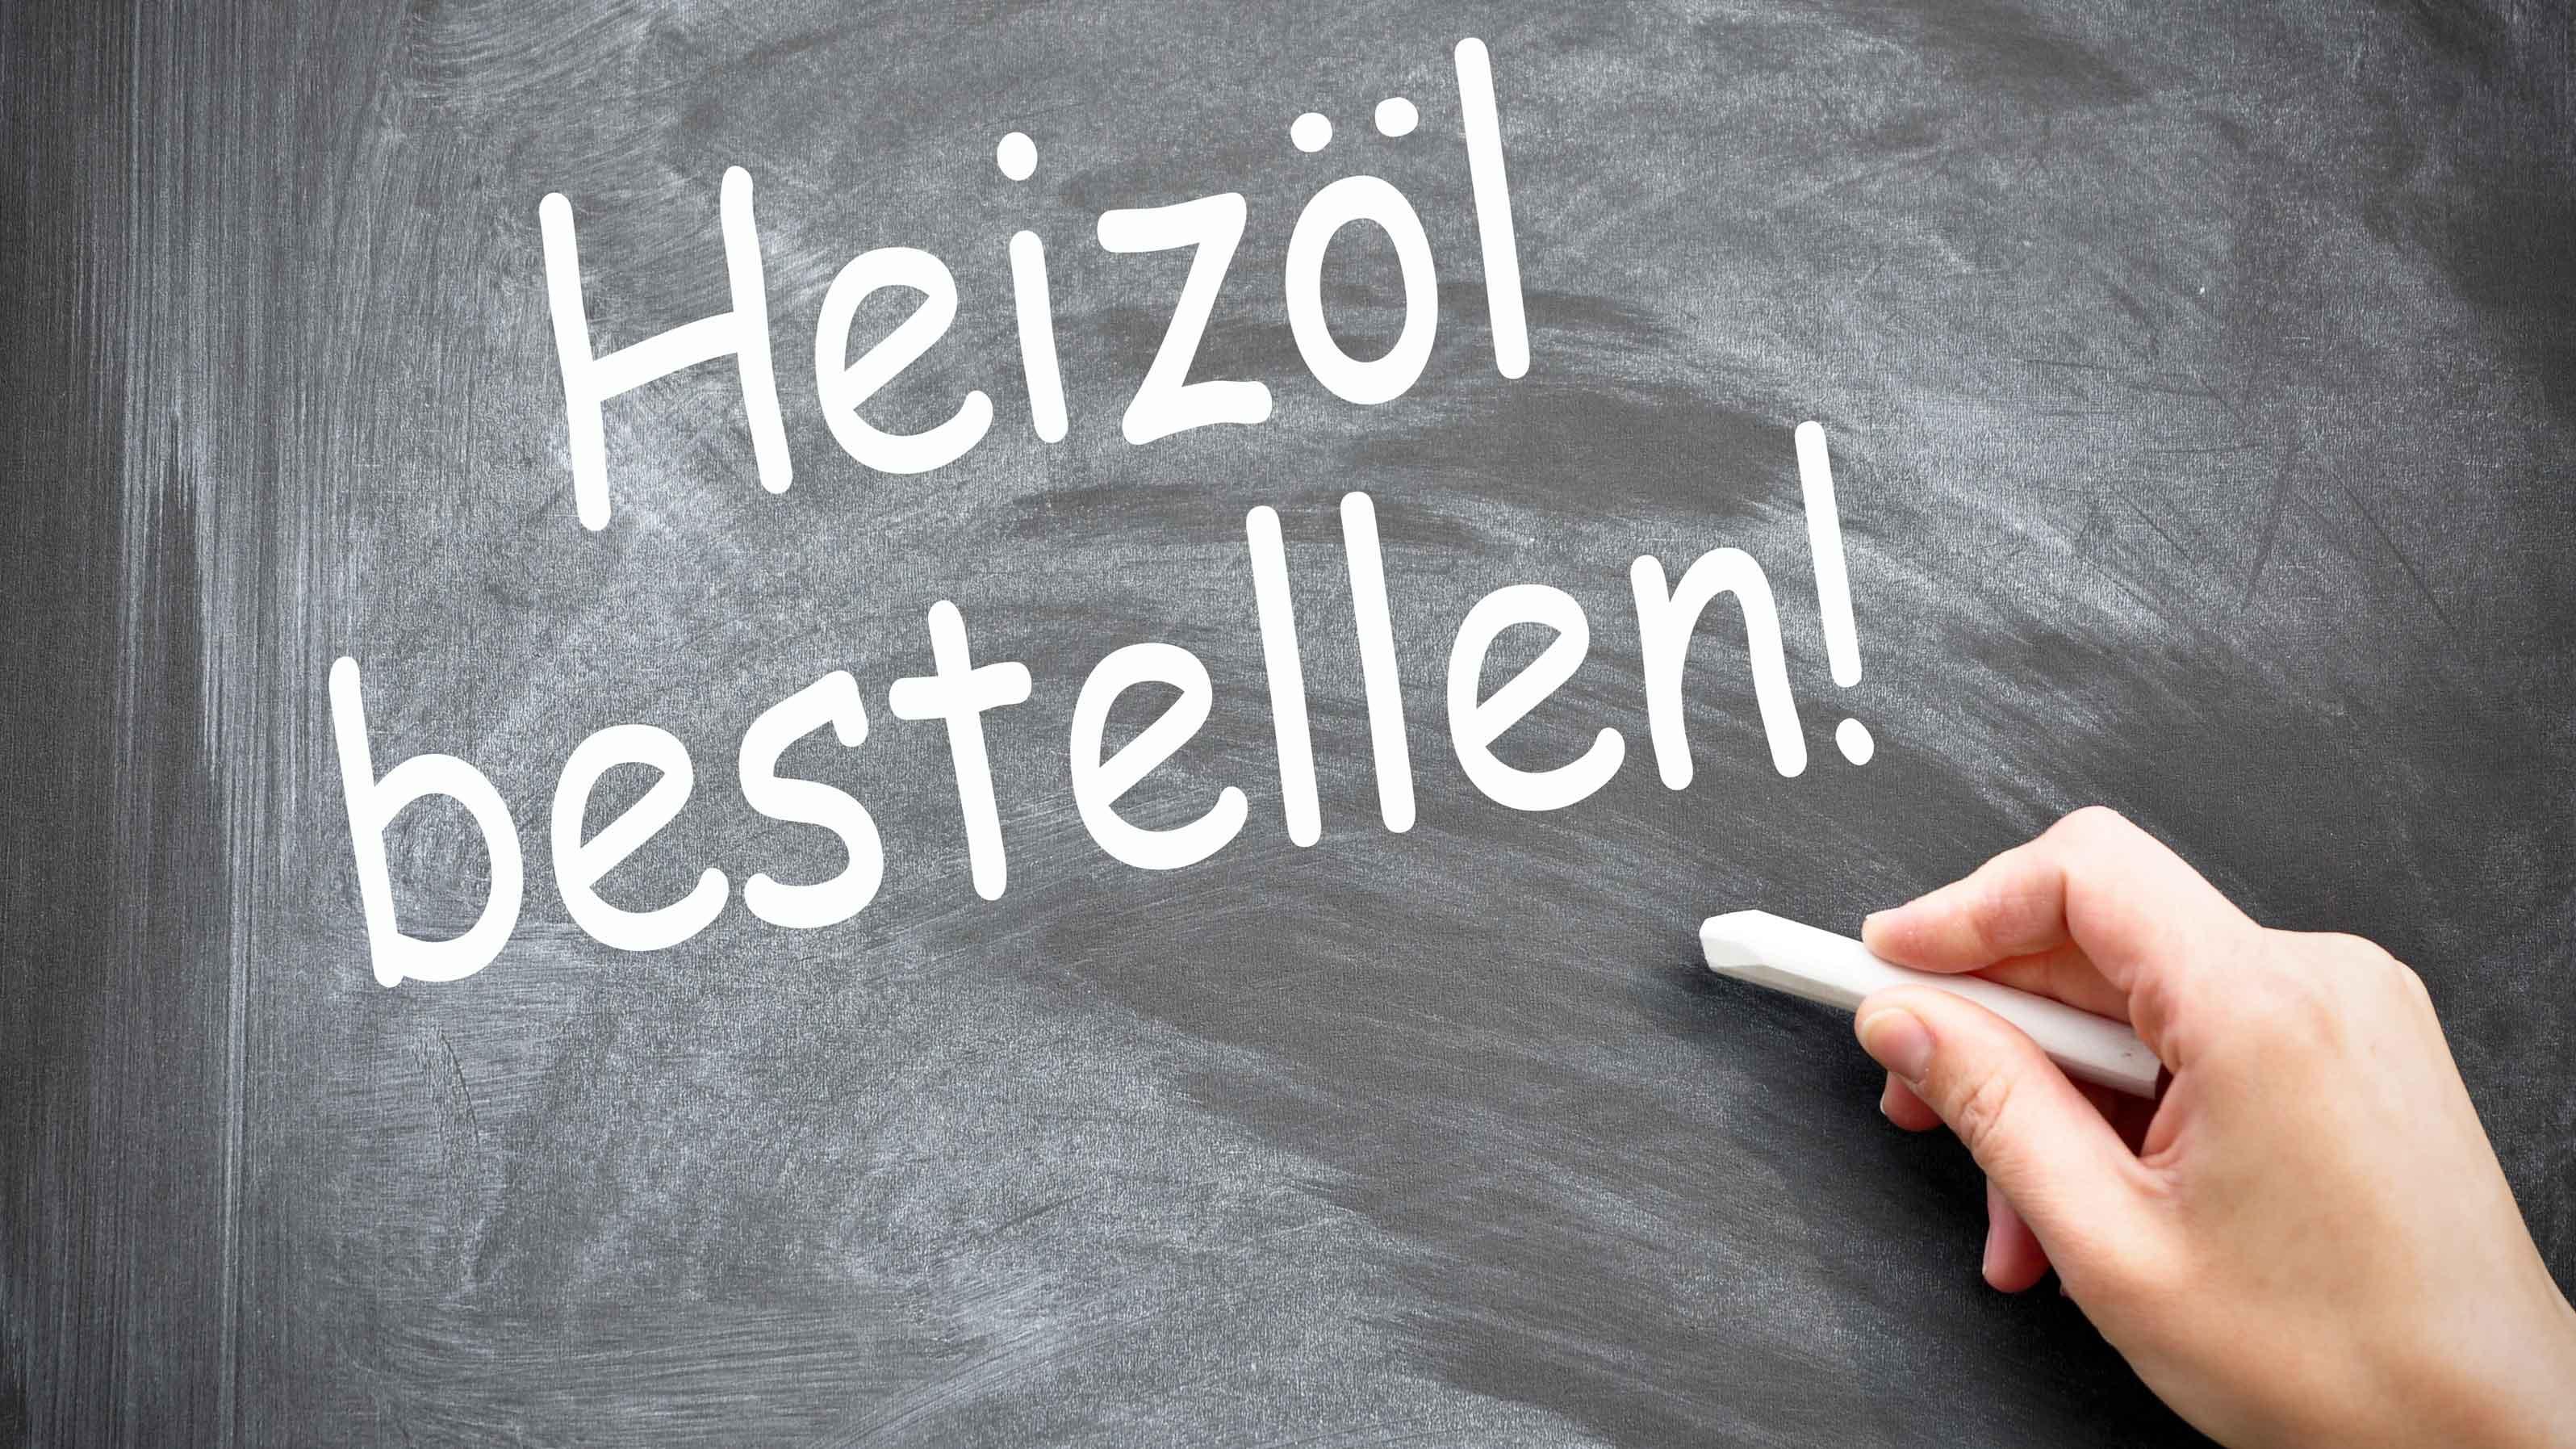 Wir liefern Ihnen günstig Heizöl nach München und Umgebung